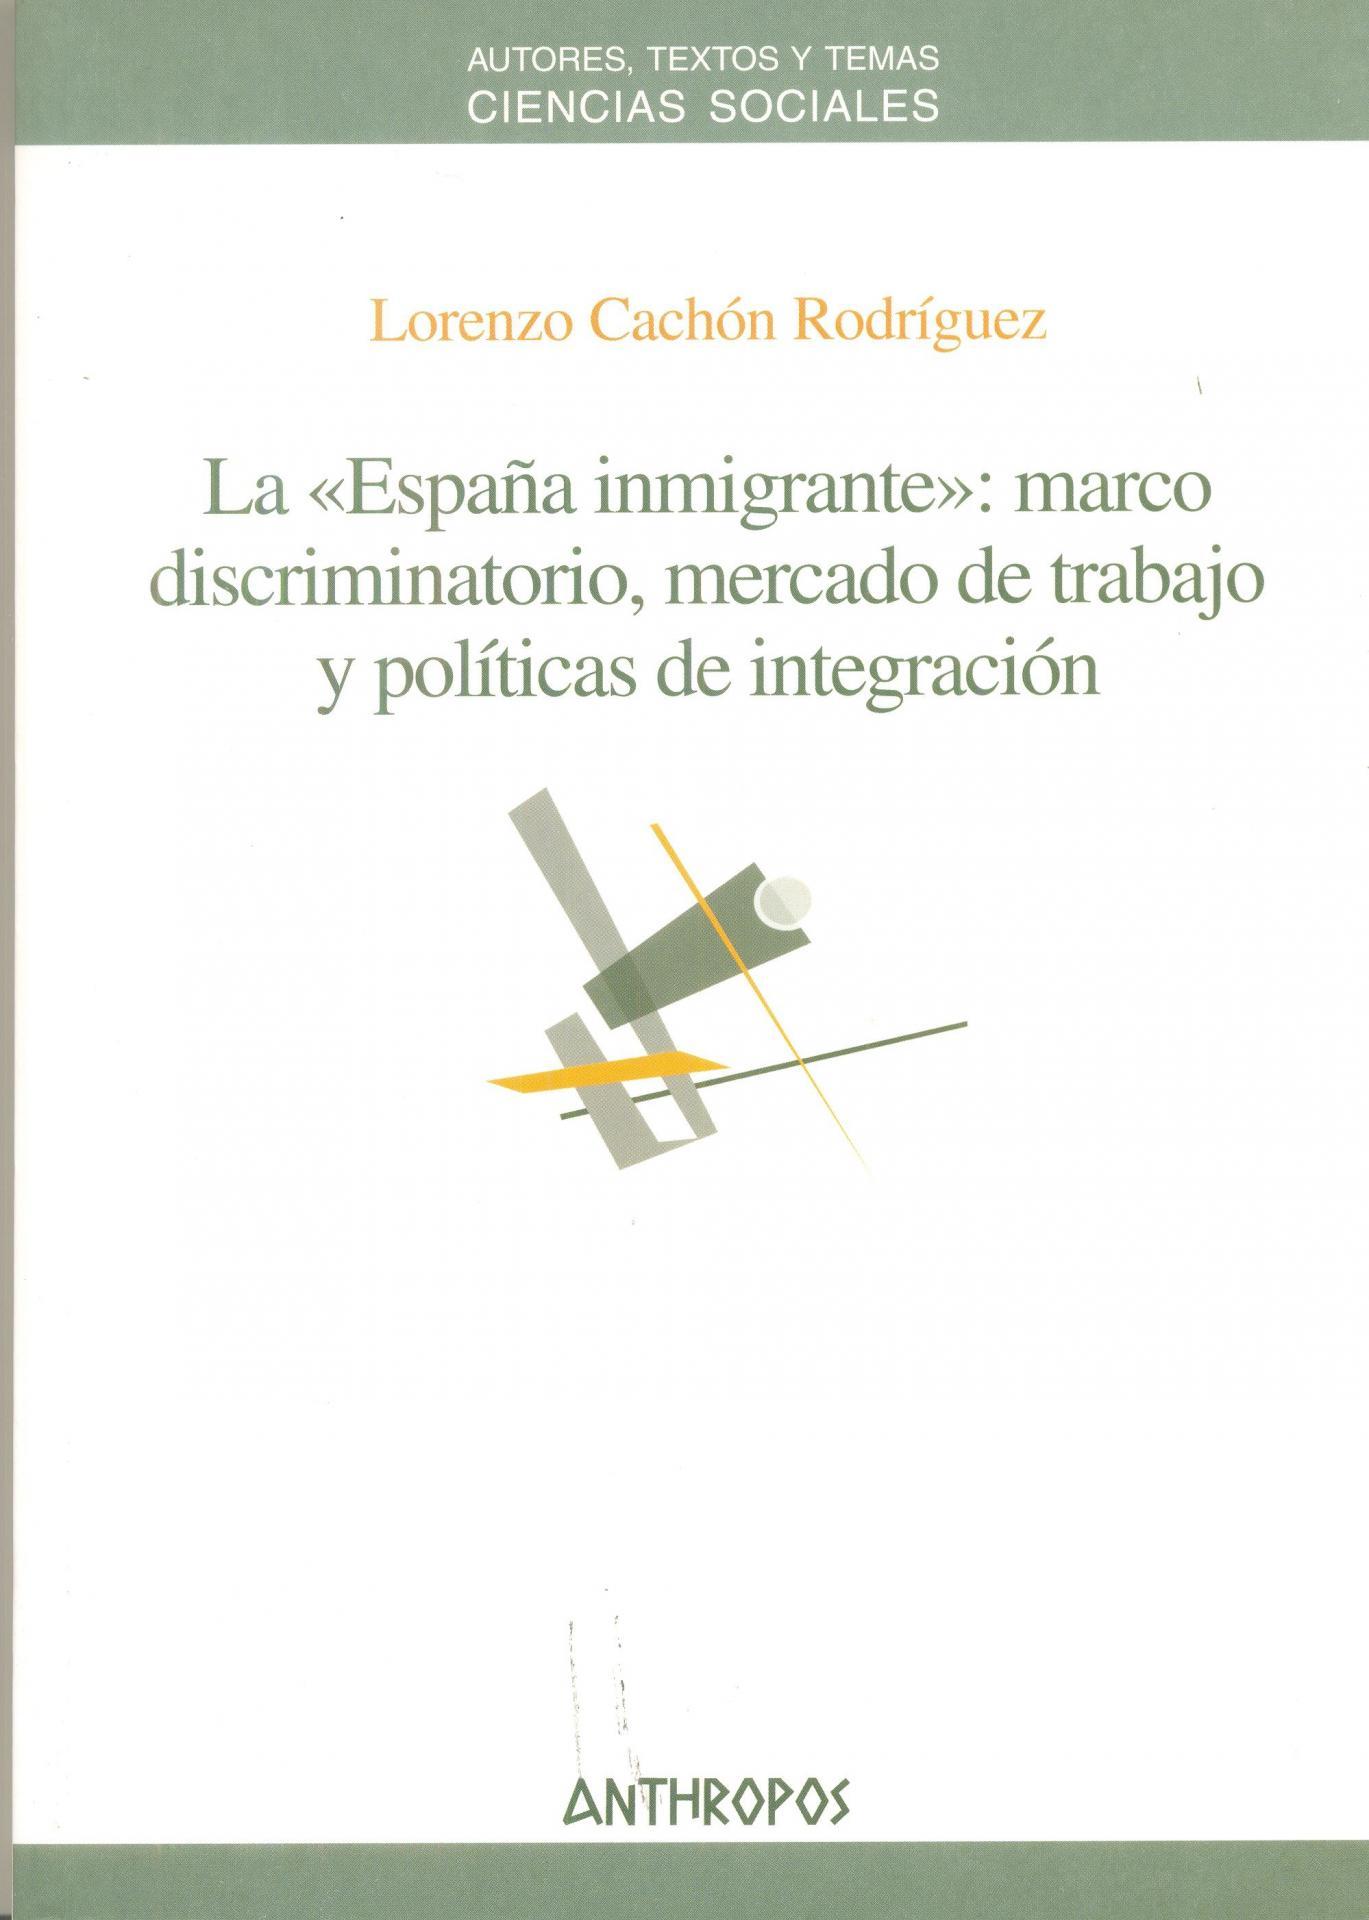 """LA """"ESPAÑA INMIGRANTE"""": marco discriminatorio, mercado de trabajo y políticas de integración. Cachón, L."""